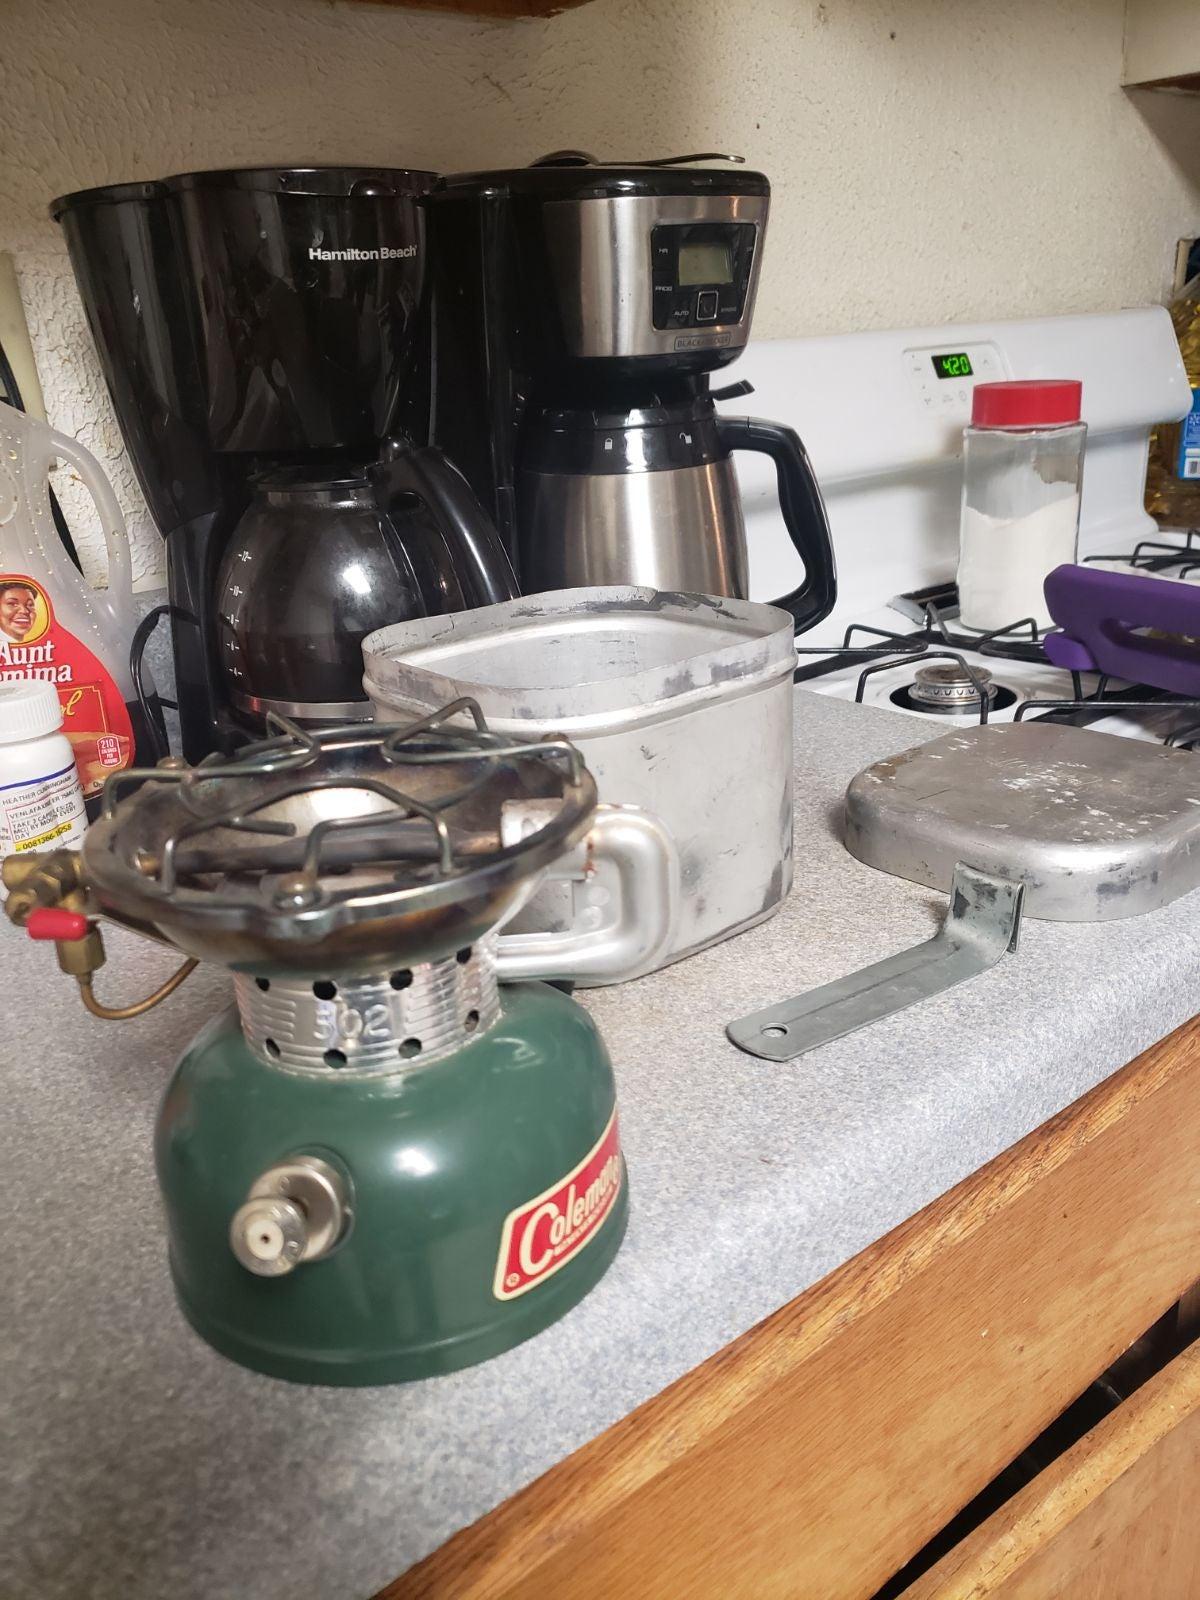 Vintage Coleman burner, pot and skillet